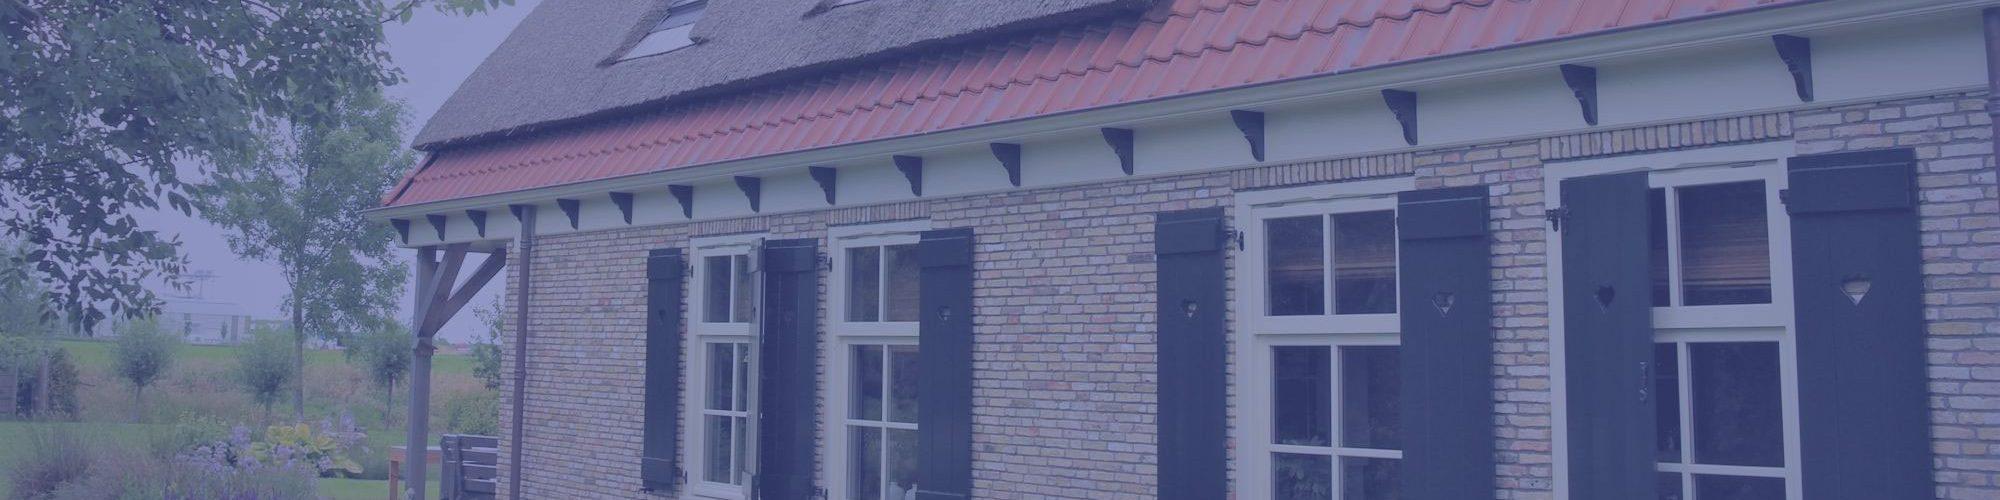 Hoekema_schildersbedrijf_slider_voorbeeld-2